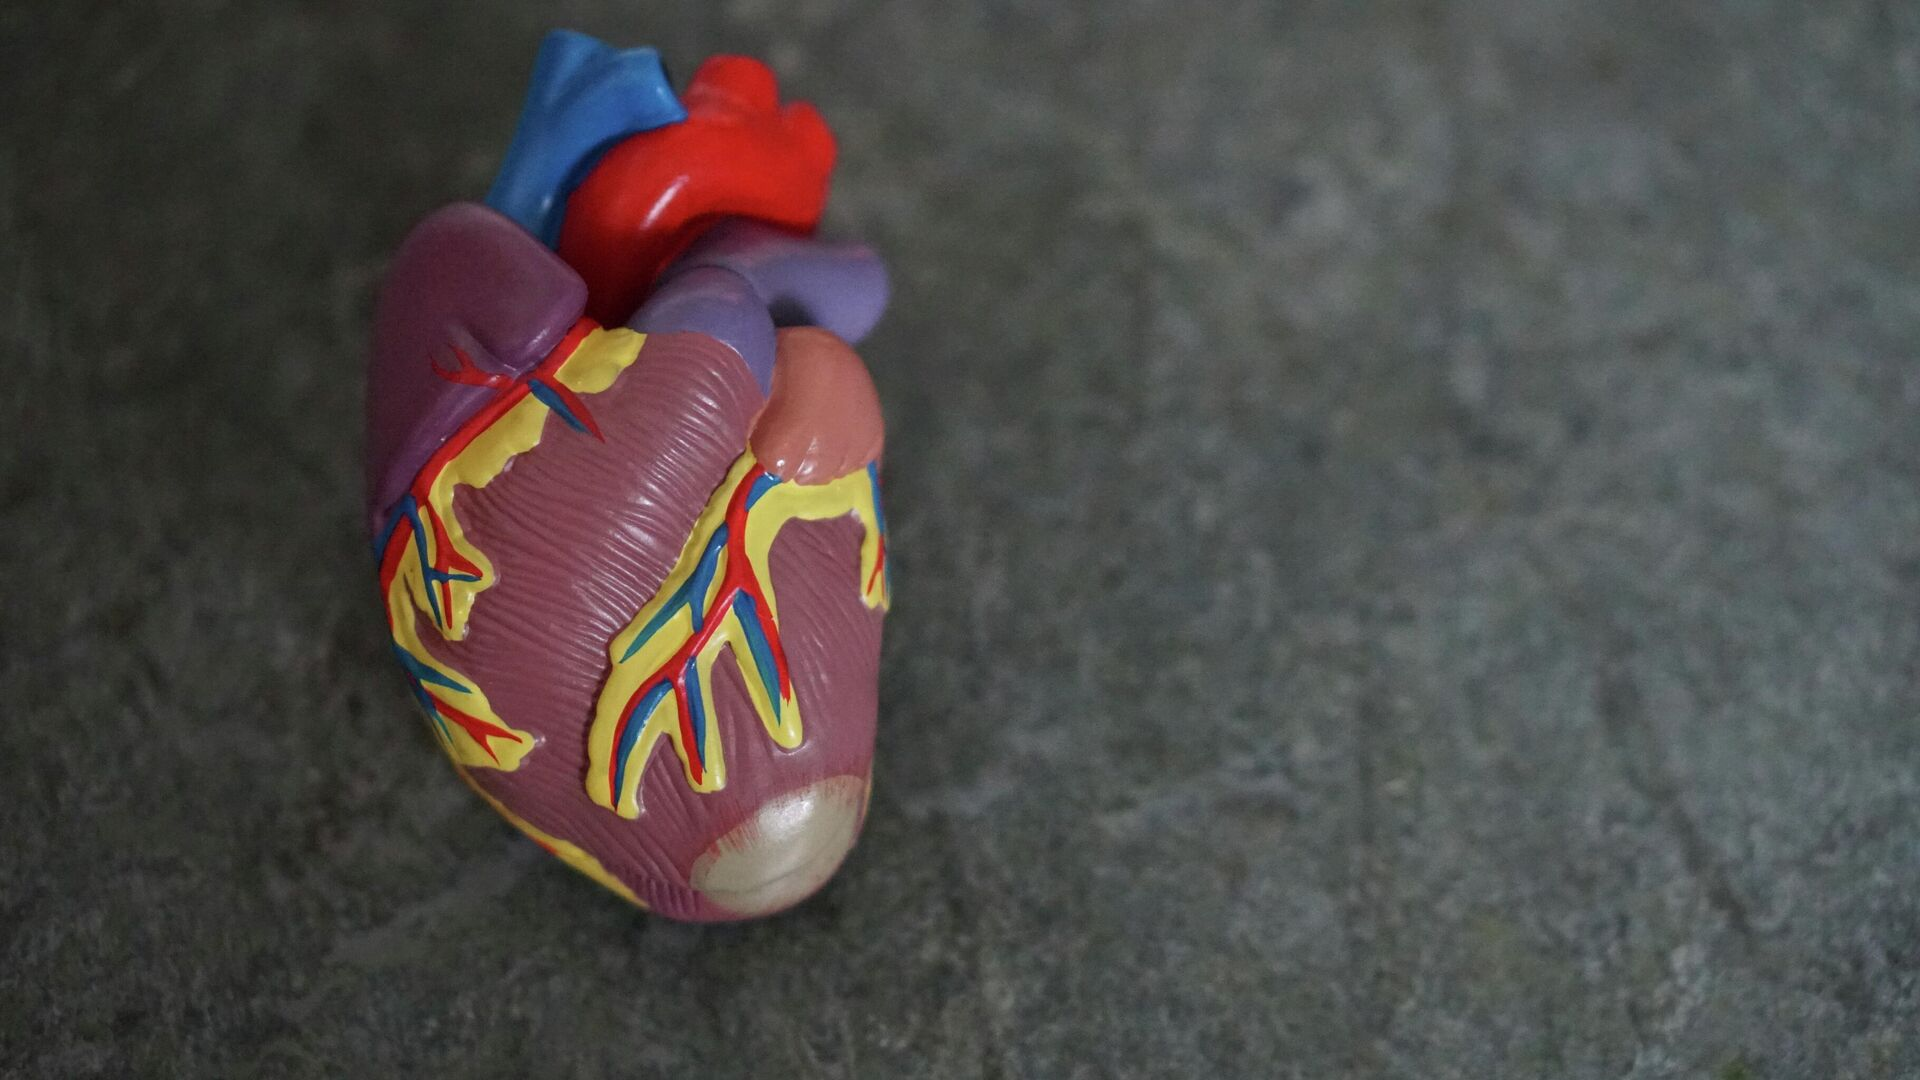 Modelo de un corazón  - Sputnik Mundo, 1920, 15.08.2021